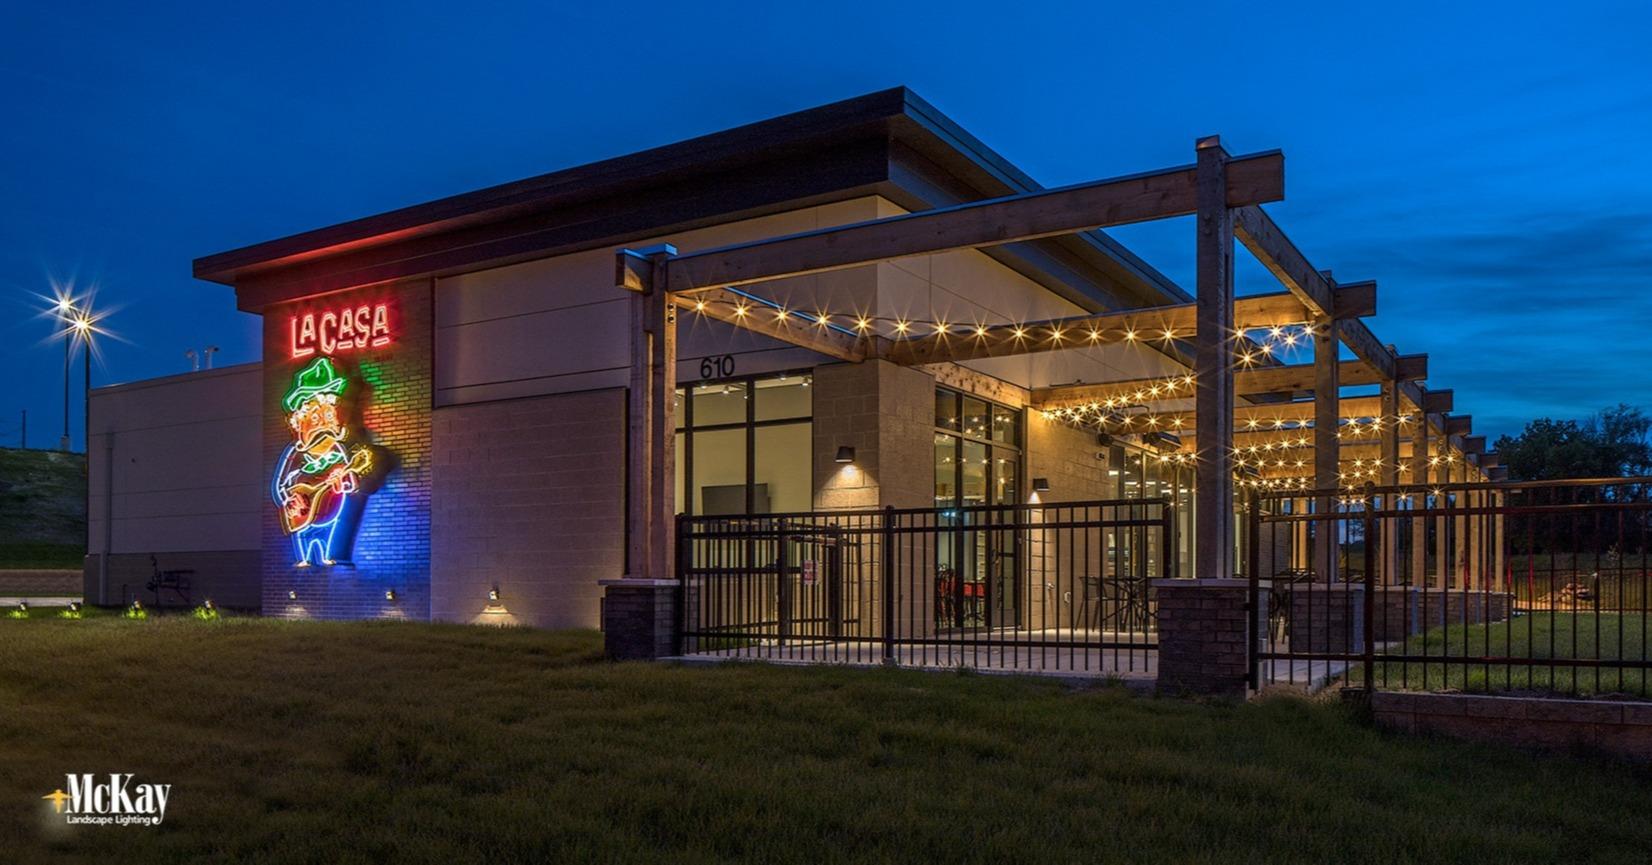 outdoor restaurant patio lighting ideas omaha nebraska La Casa McKay Landscape Lighting